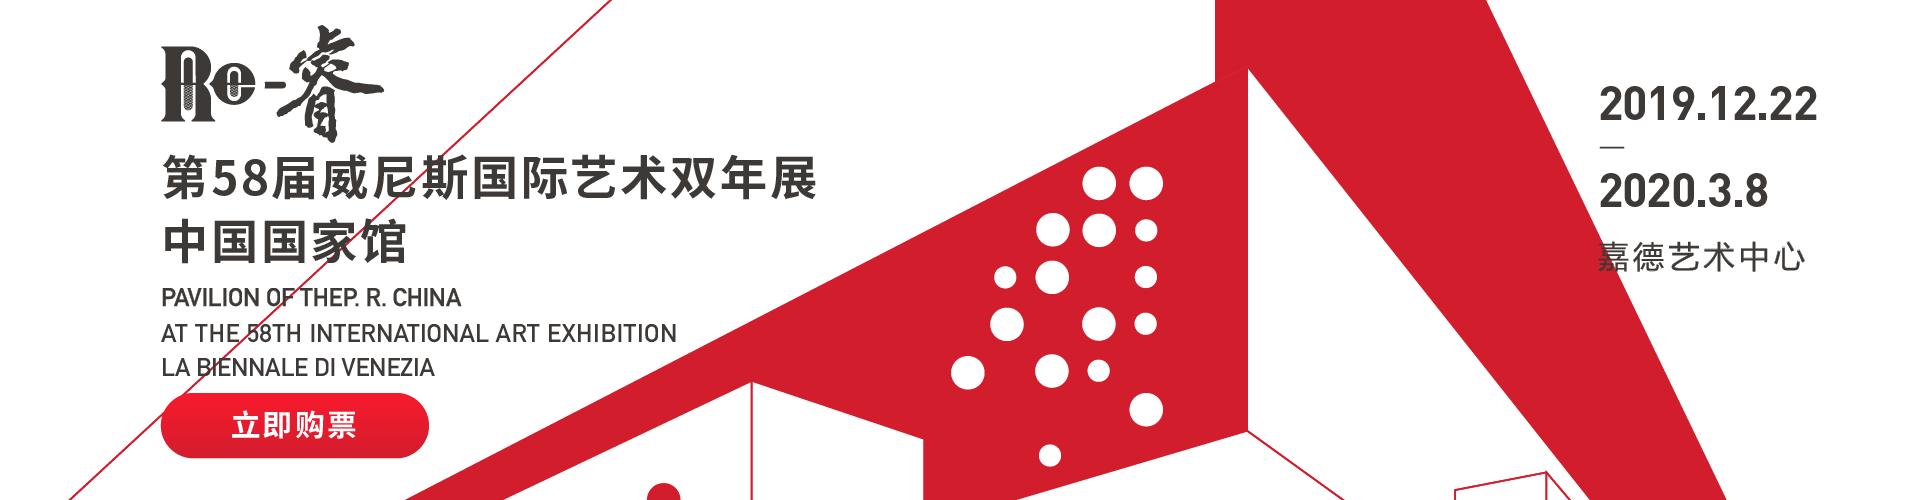 Re-睿——第58届威尼斯国际艺术双年展中国国家馆巡展